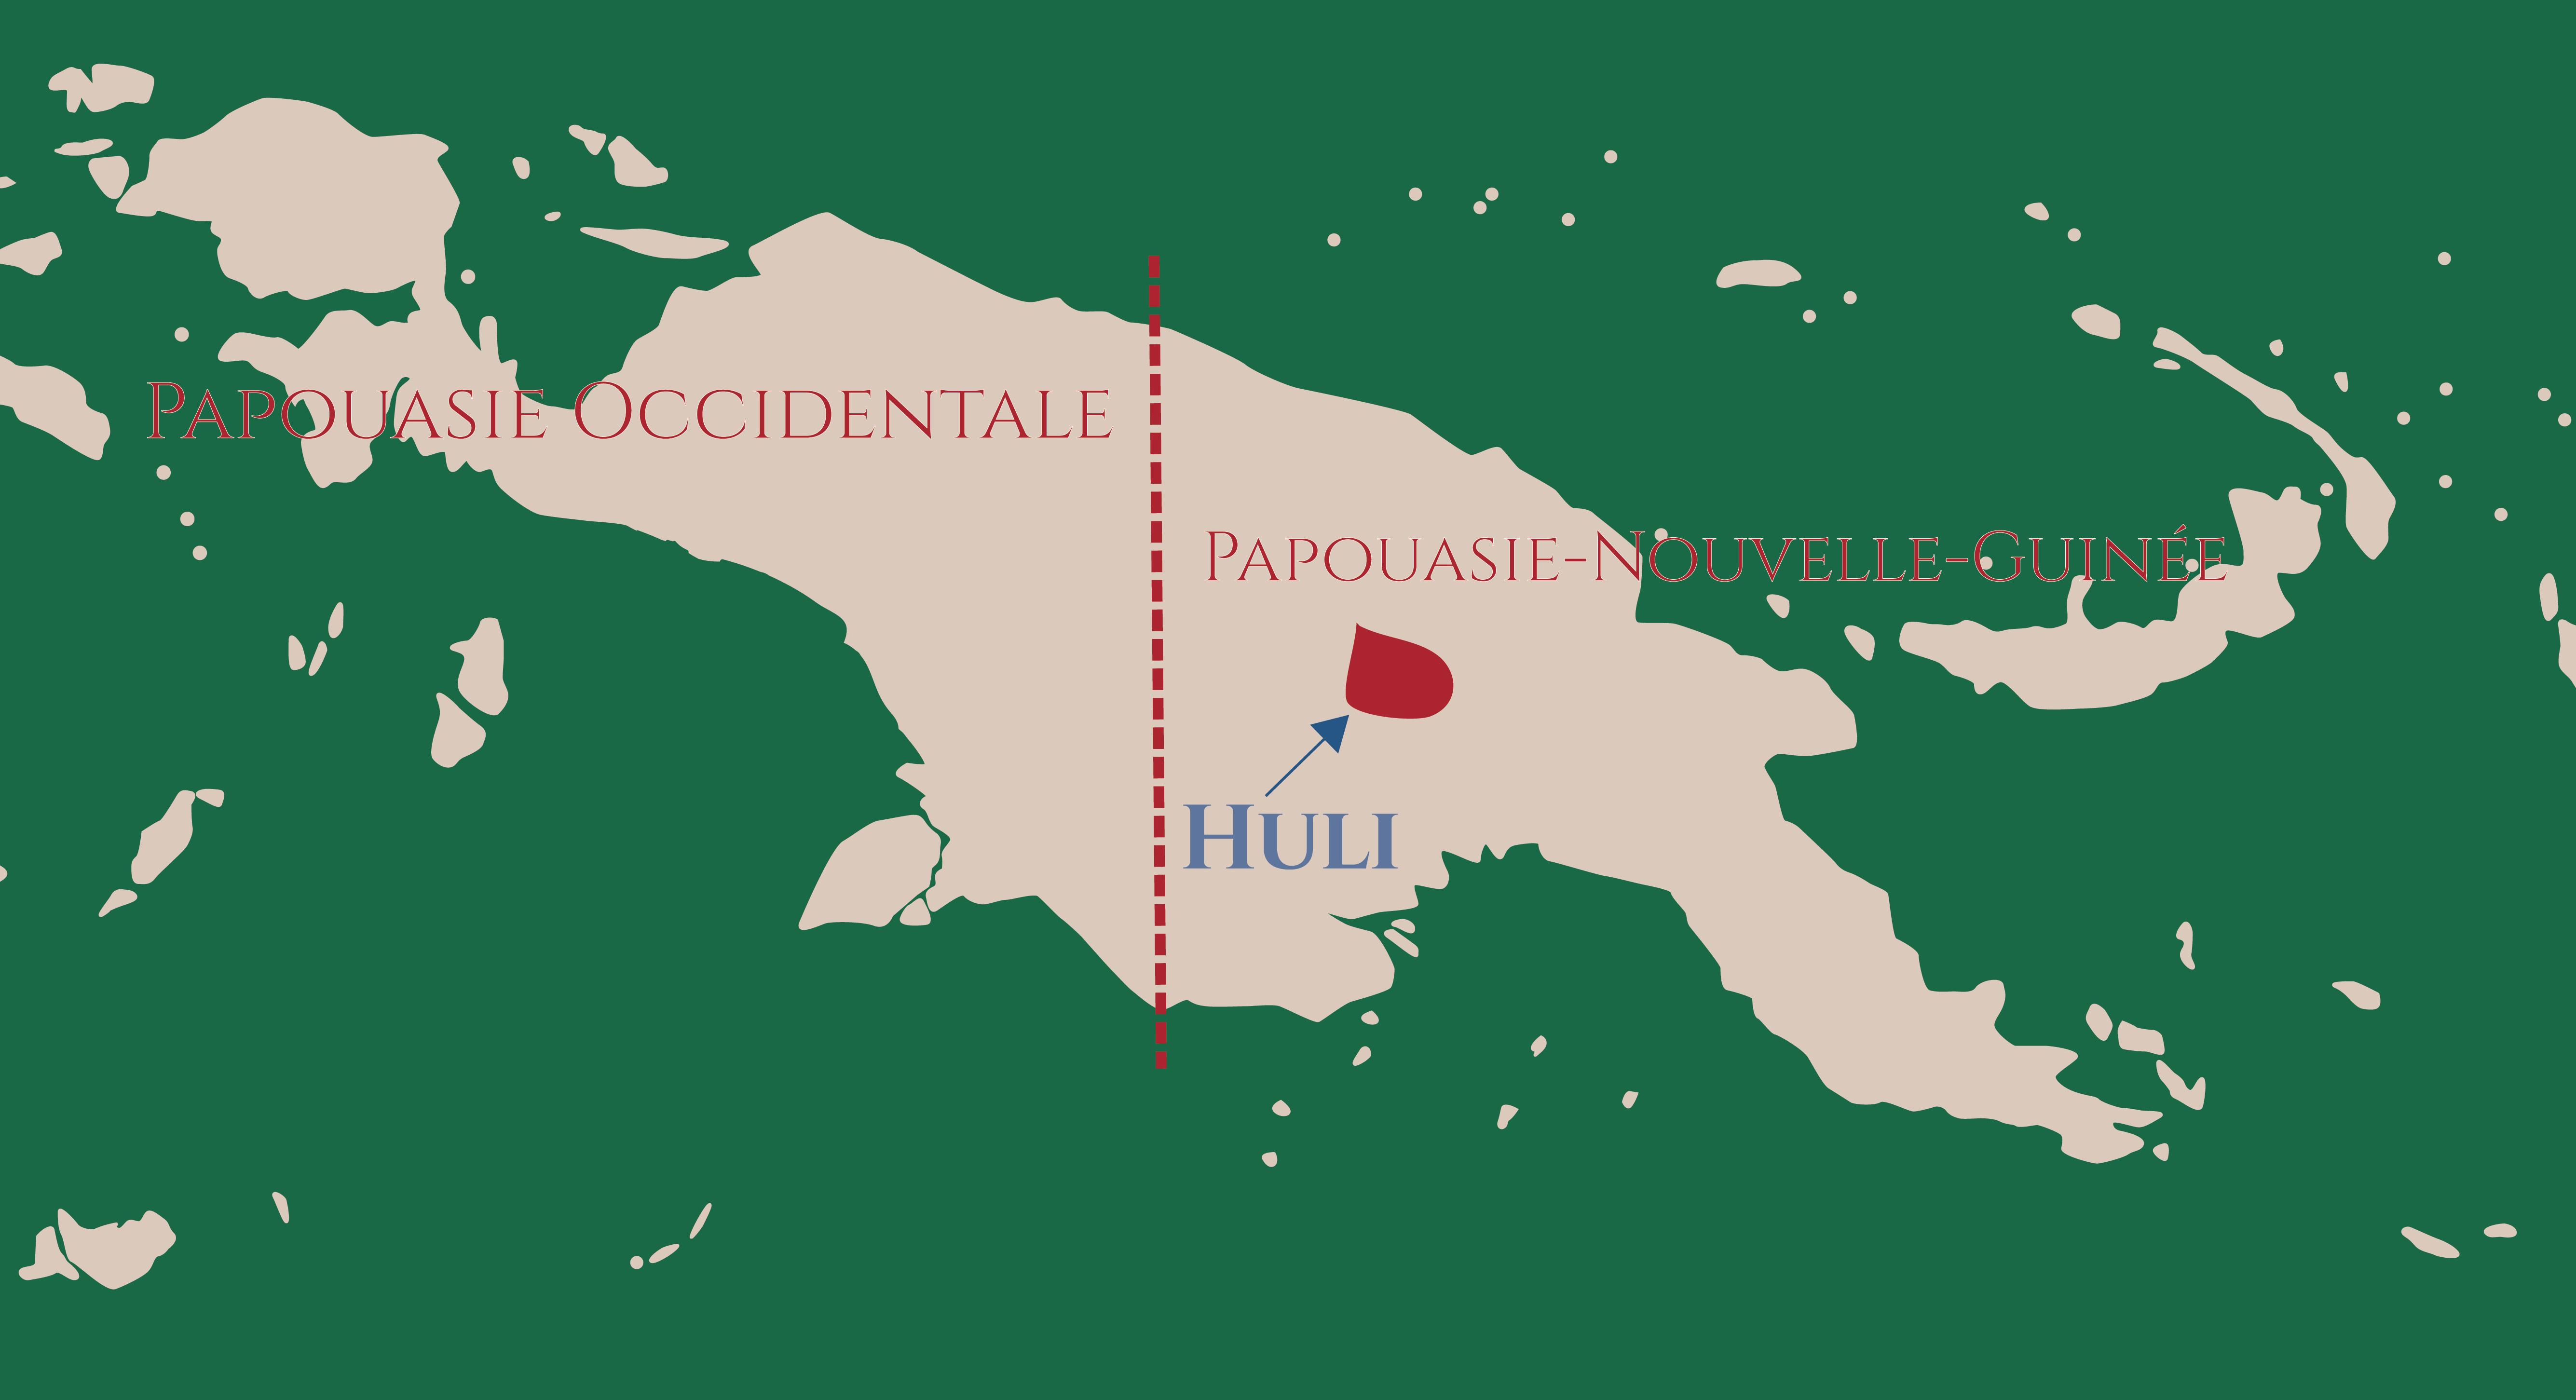 Carte Huli